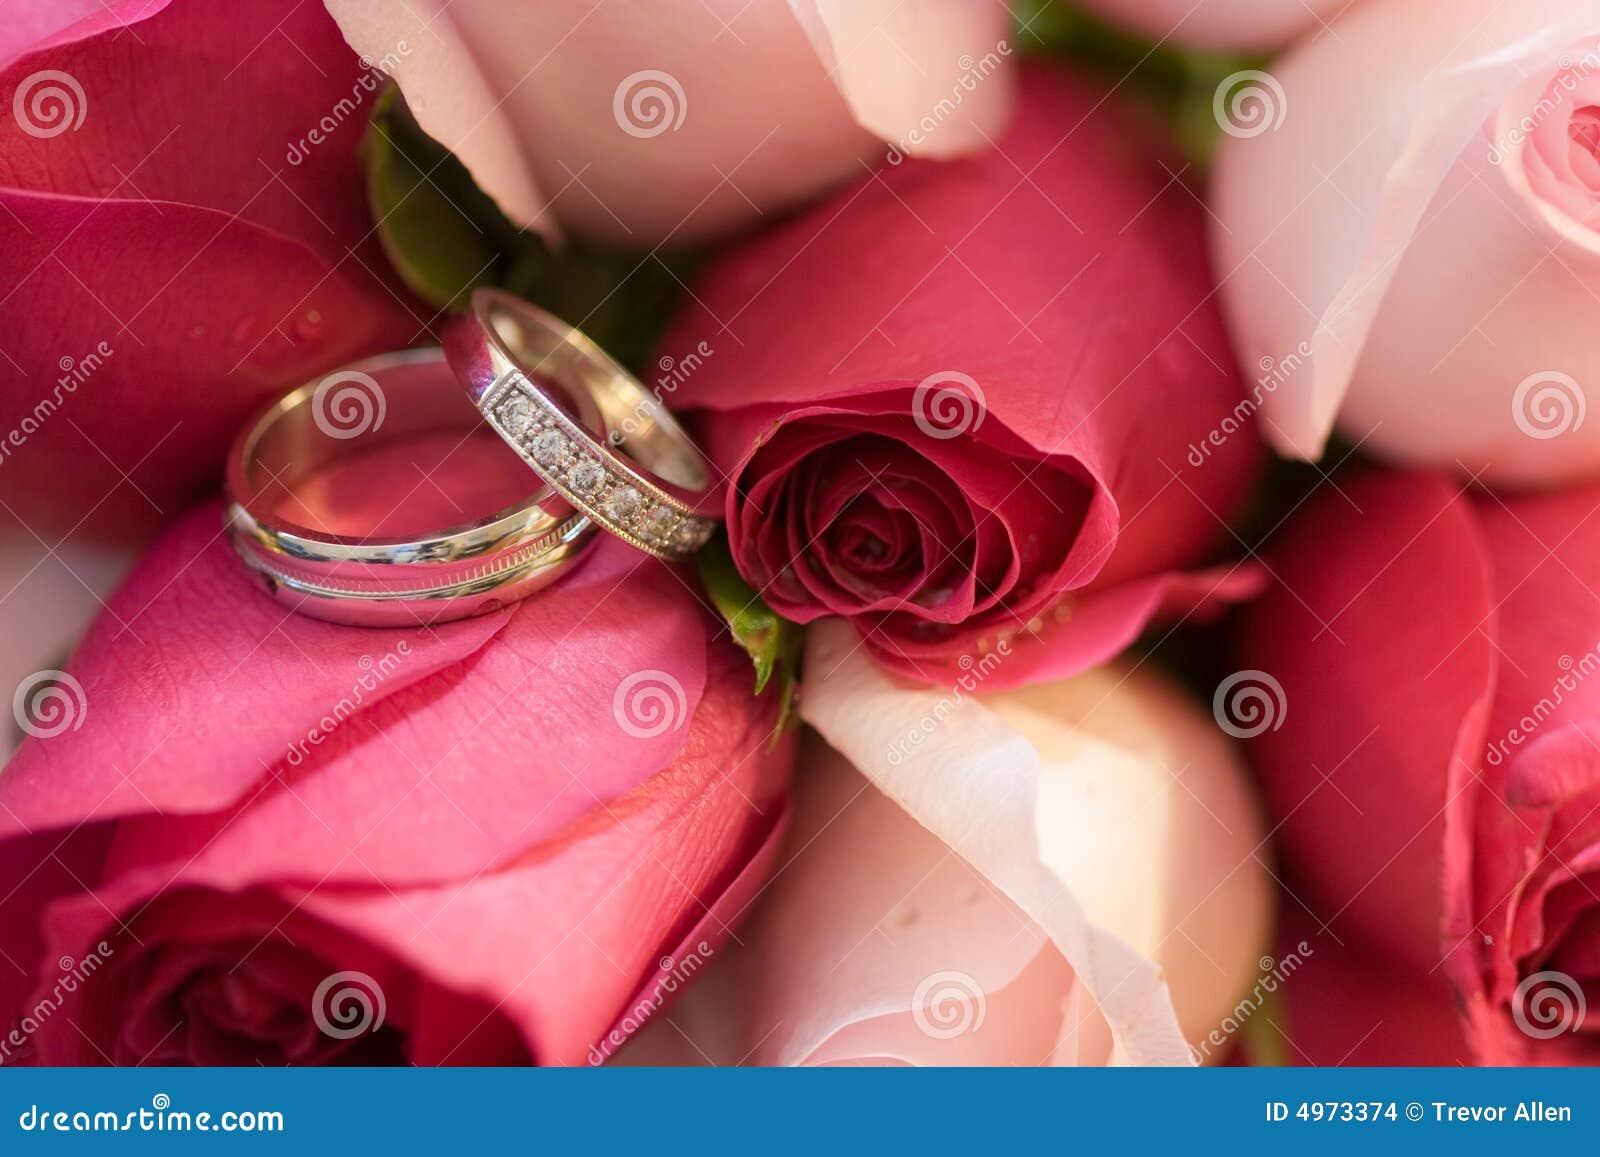 Wedding Rings in Roses